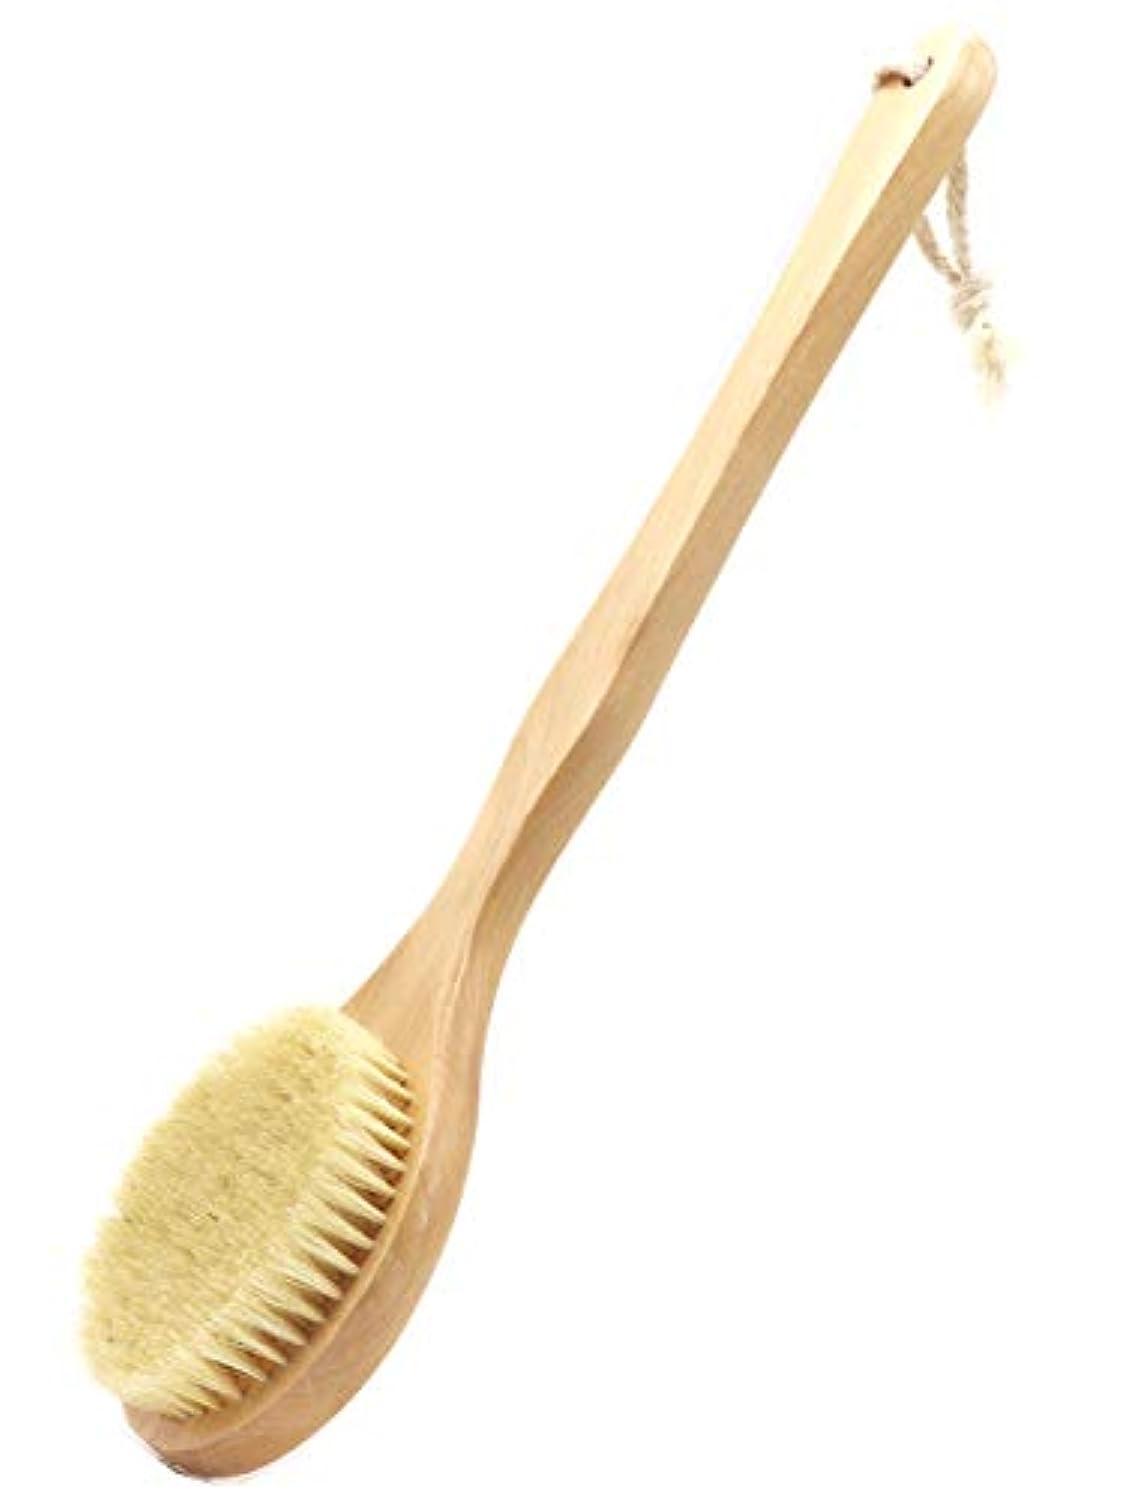 Maltose 豚毛 ボディ ボディブラシ 硬め 洗体 ボディーぶらし 背中洗いブラシ 身体洗い 柄付き 長柄 にきびの改善 角質除去